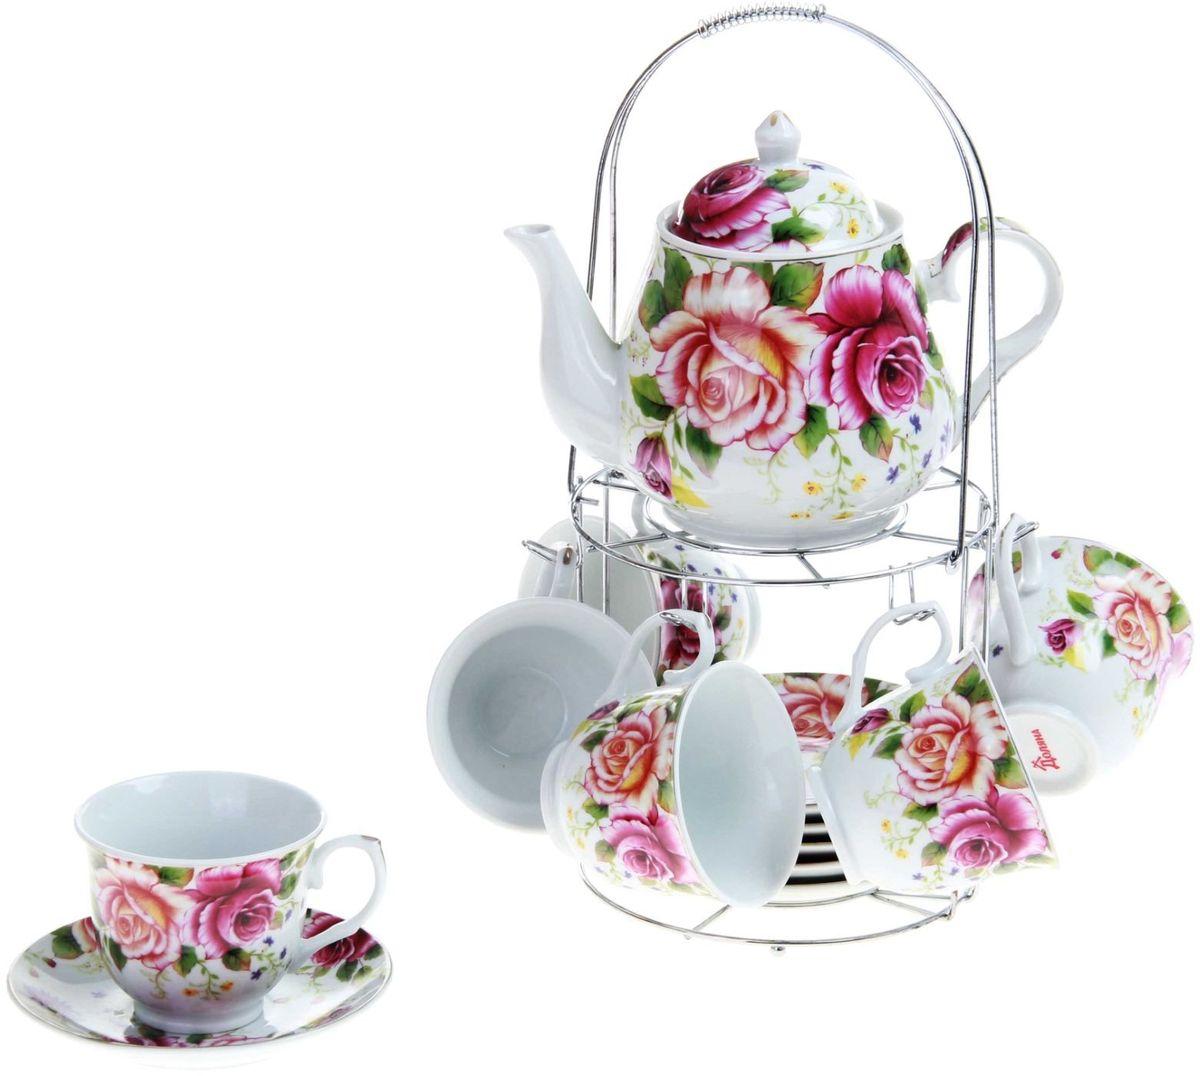 Набор чайный Доляна Томная роза, 13 предметов115510Какую посуду выбрать для чаепития? Конечно, традиционный напиток по необходимости можно пить и из помятой алюминиевой кружки. Но все-таки большинство хозяек стараются приобрести изящные и оригинальные модели для эстетического наслаждения неповторимым вкусом и тонким ароматом хорошего чая.Кухонная керамика сочетает в себе бытовую практичность и декоративную утонченность. Набор чайный на 6 персон Томная роза, 13 предметов: 6 чайных пар 230 мл, чайник 1 л отличается высокой прочностью и обаятельным дизайном. Нарядный комплект обязательных для чаепития атрибутов изготовлен на родине древнего напитка и привнесет в каждую трапезу особую энергетику.